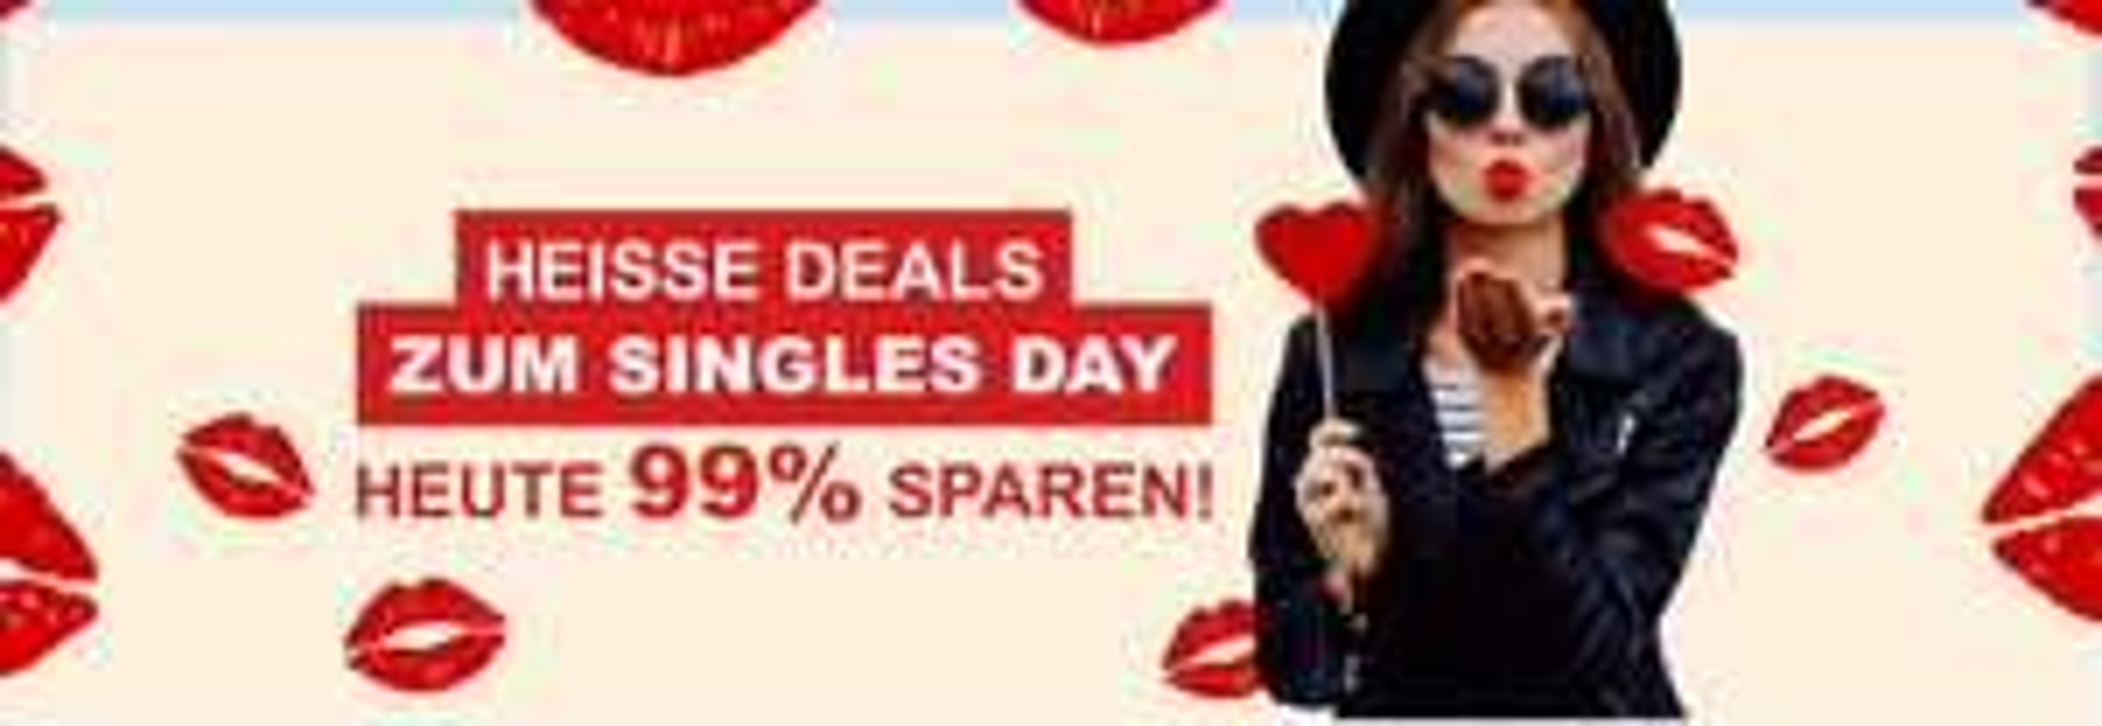 [Eis.at] Heiße Deals zum Singles-Day